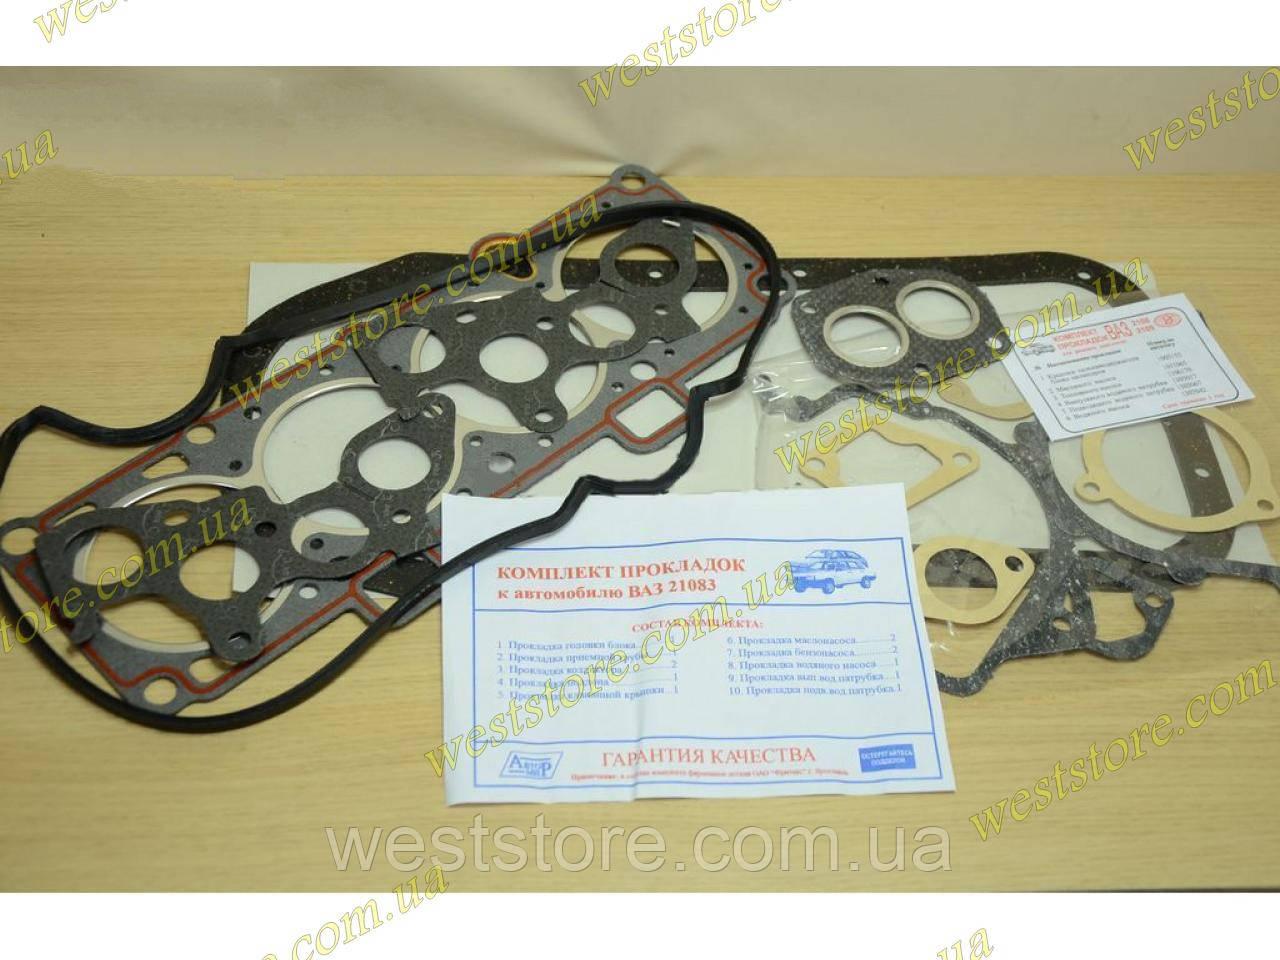 Набор прокладок двигателя Ваз 21083  (1500) герметик полный